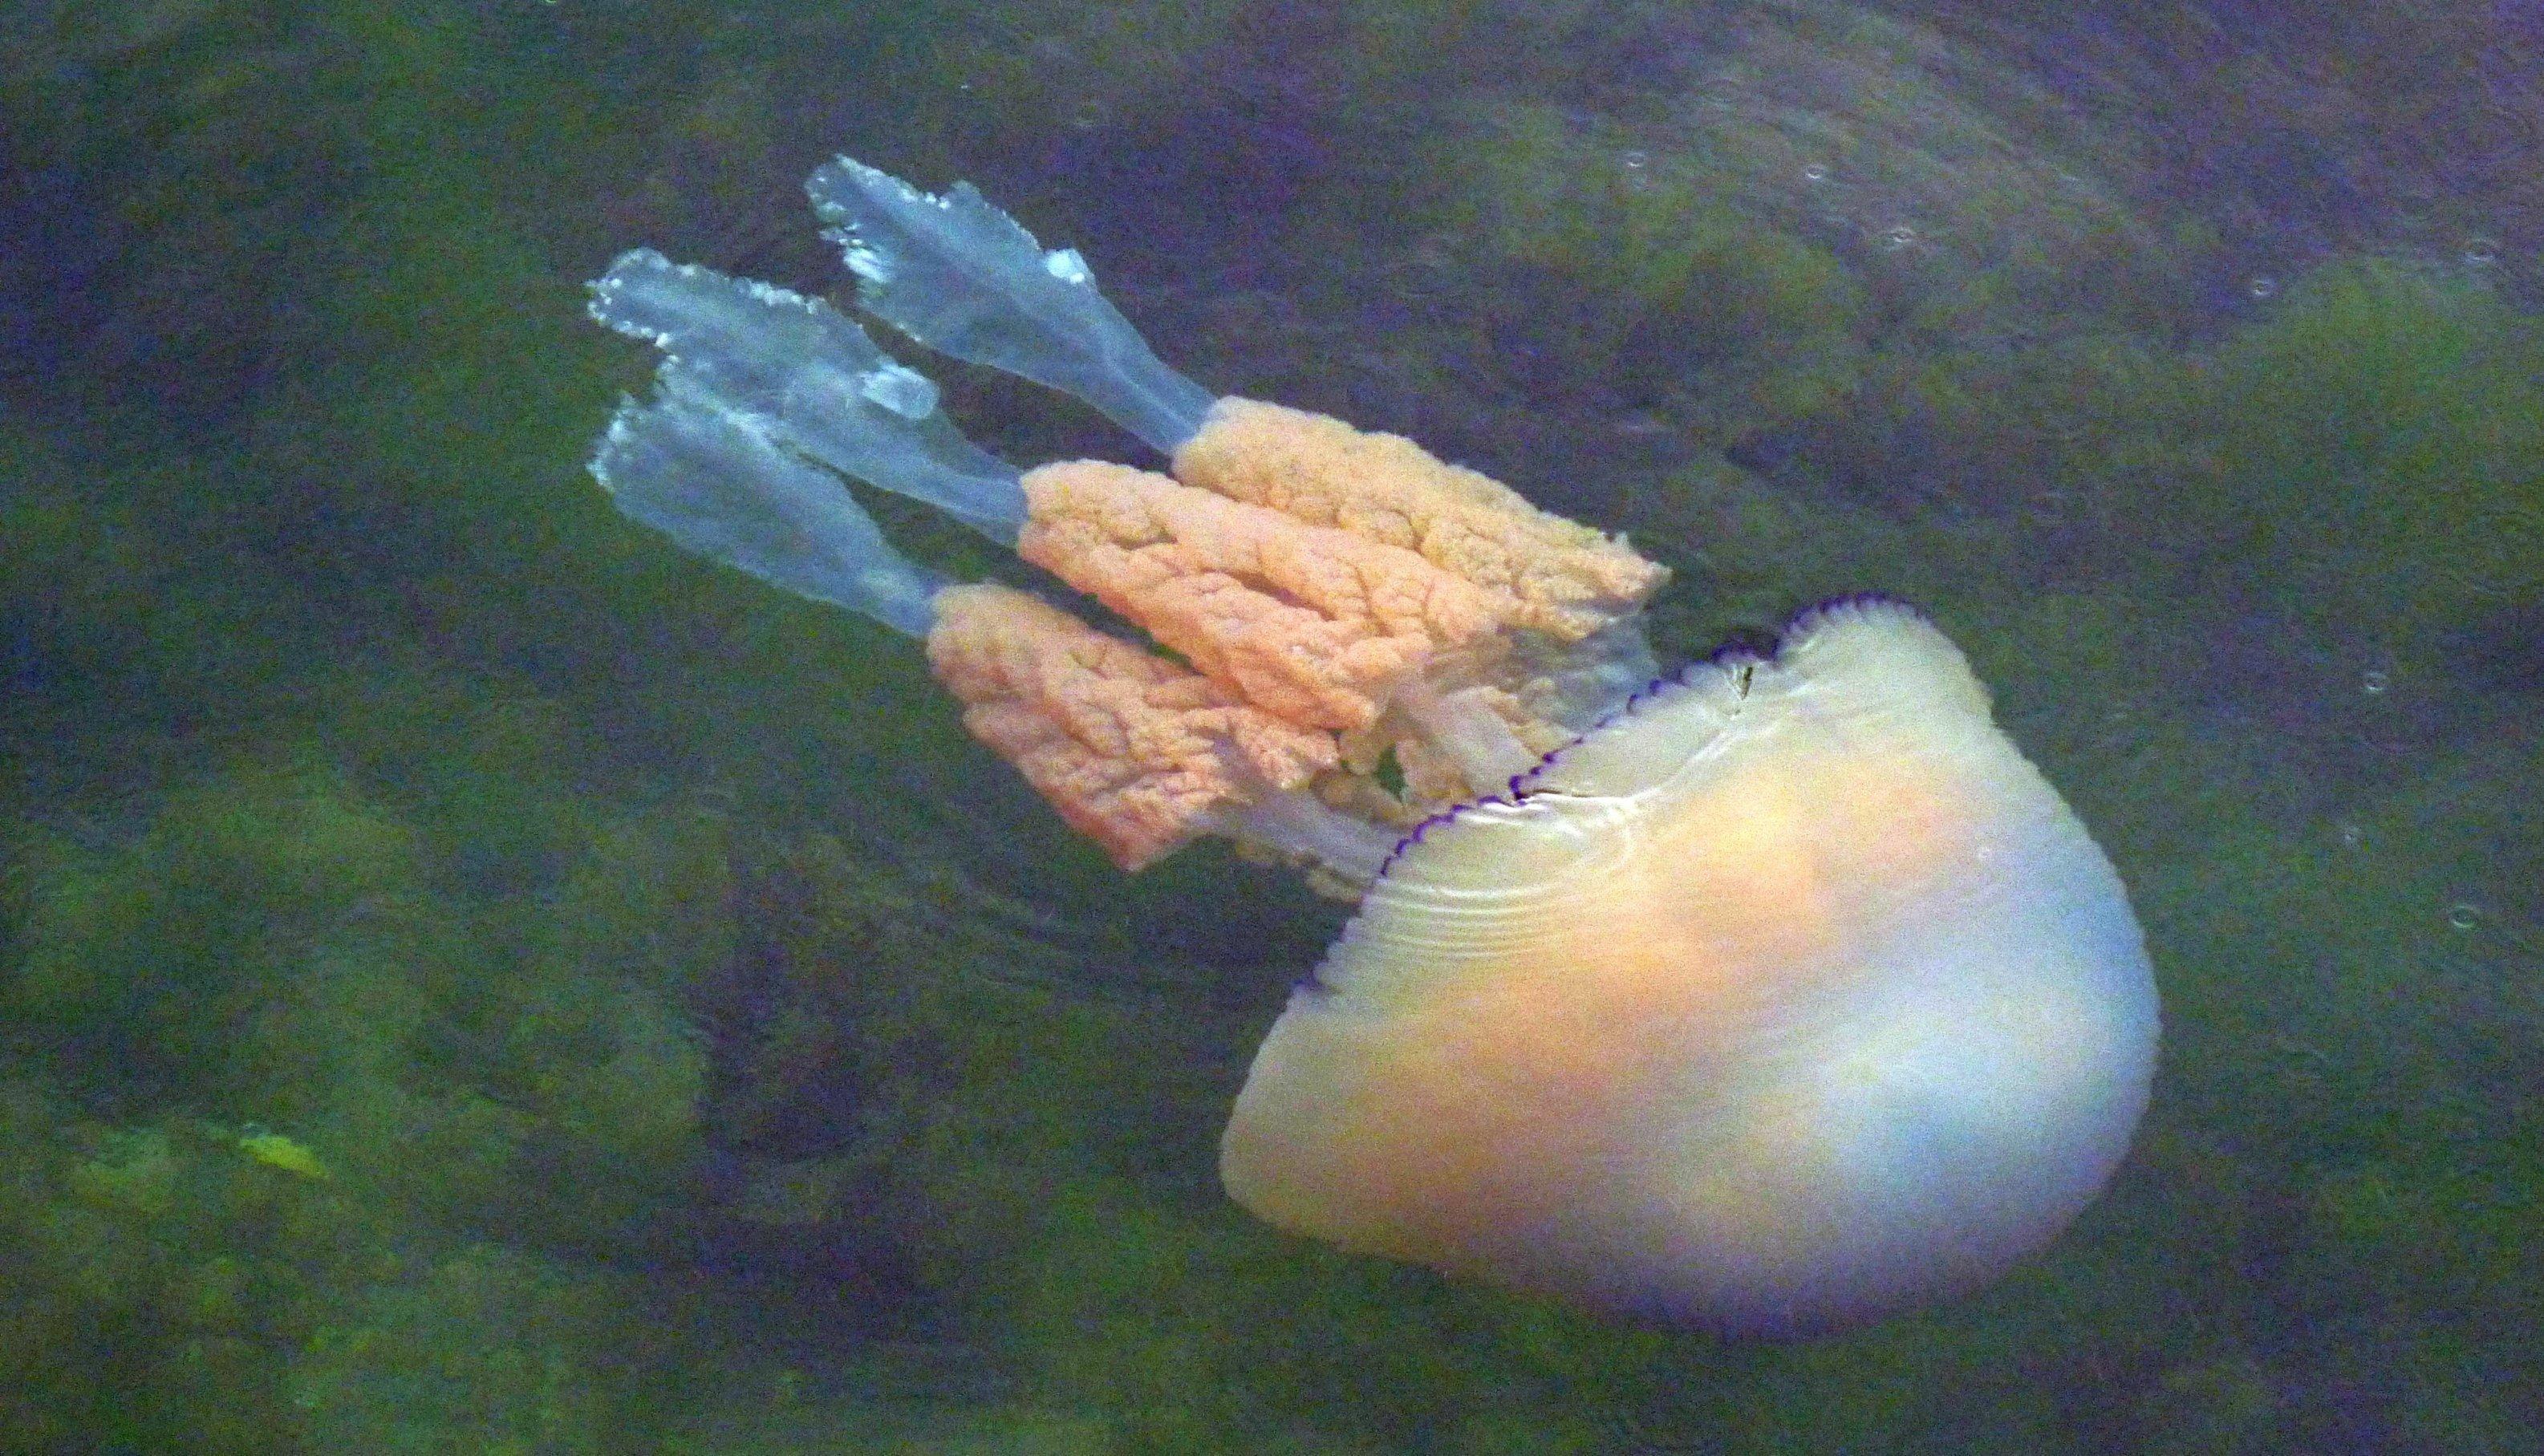 Auf diesem Foto ist eine Wurzelmundqualle im Meer zu sehen.